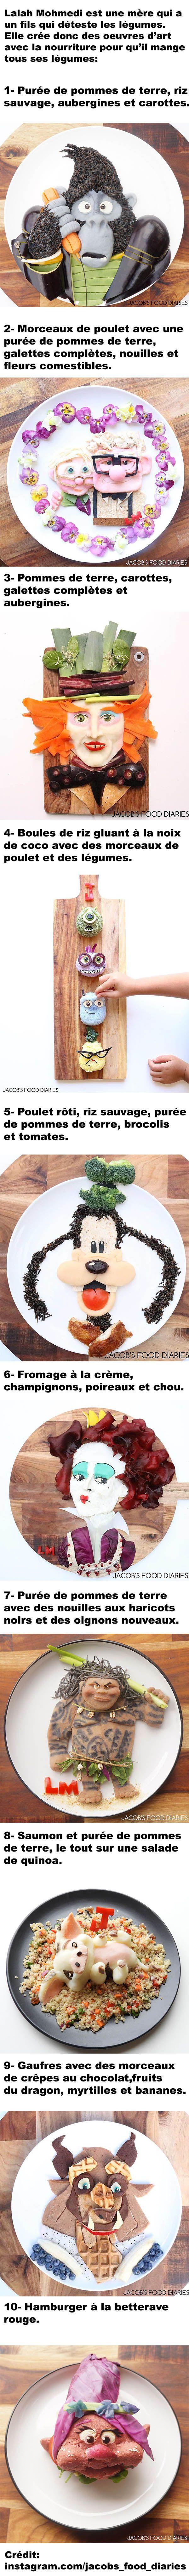 Cette mère crée des oeuvres d'art avec la nourriture car son fils ne veut pas manger ses légumes